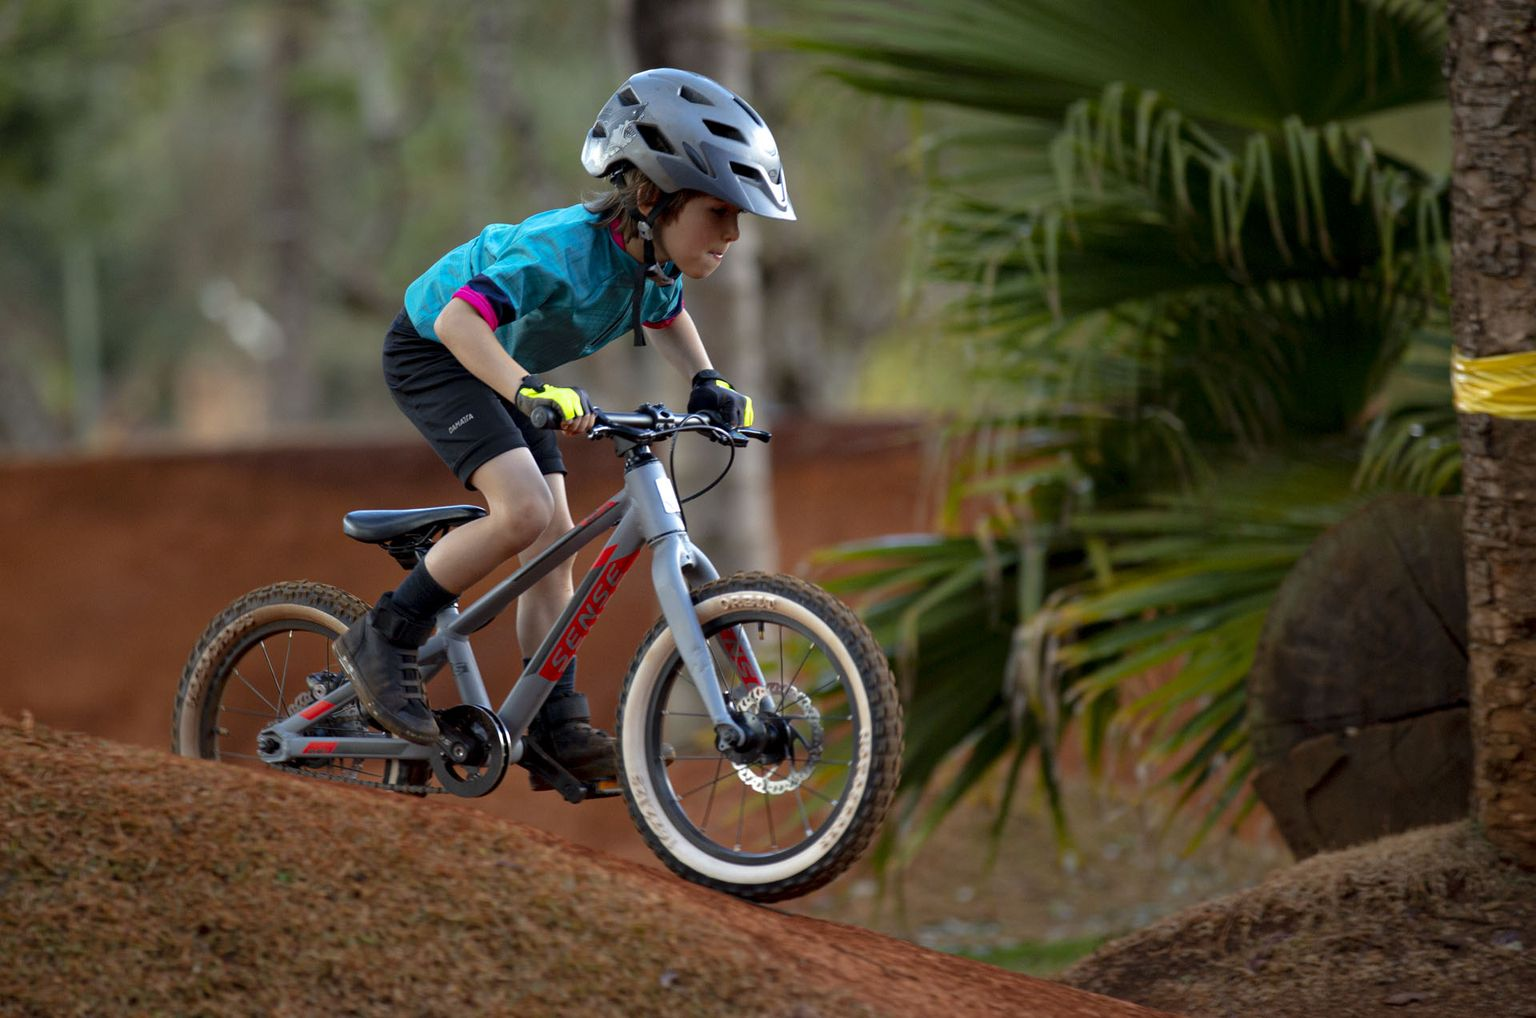 Bike MTB Infantil Sense Impact Cinza/Vermelha Aro 16 (2020)